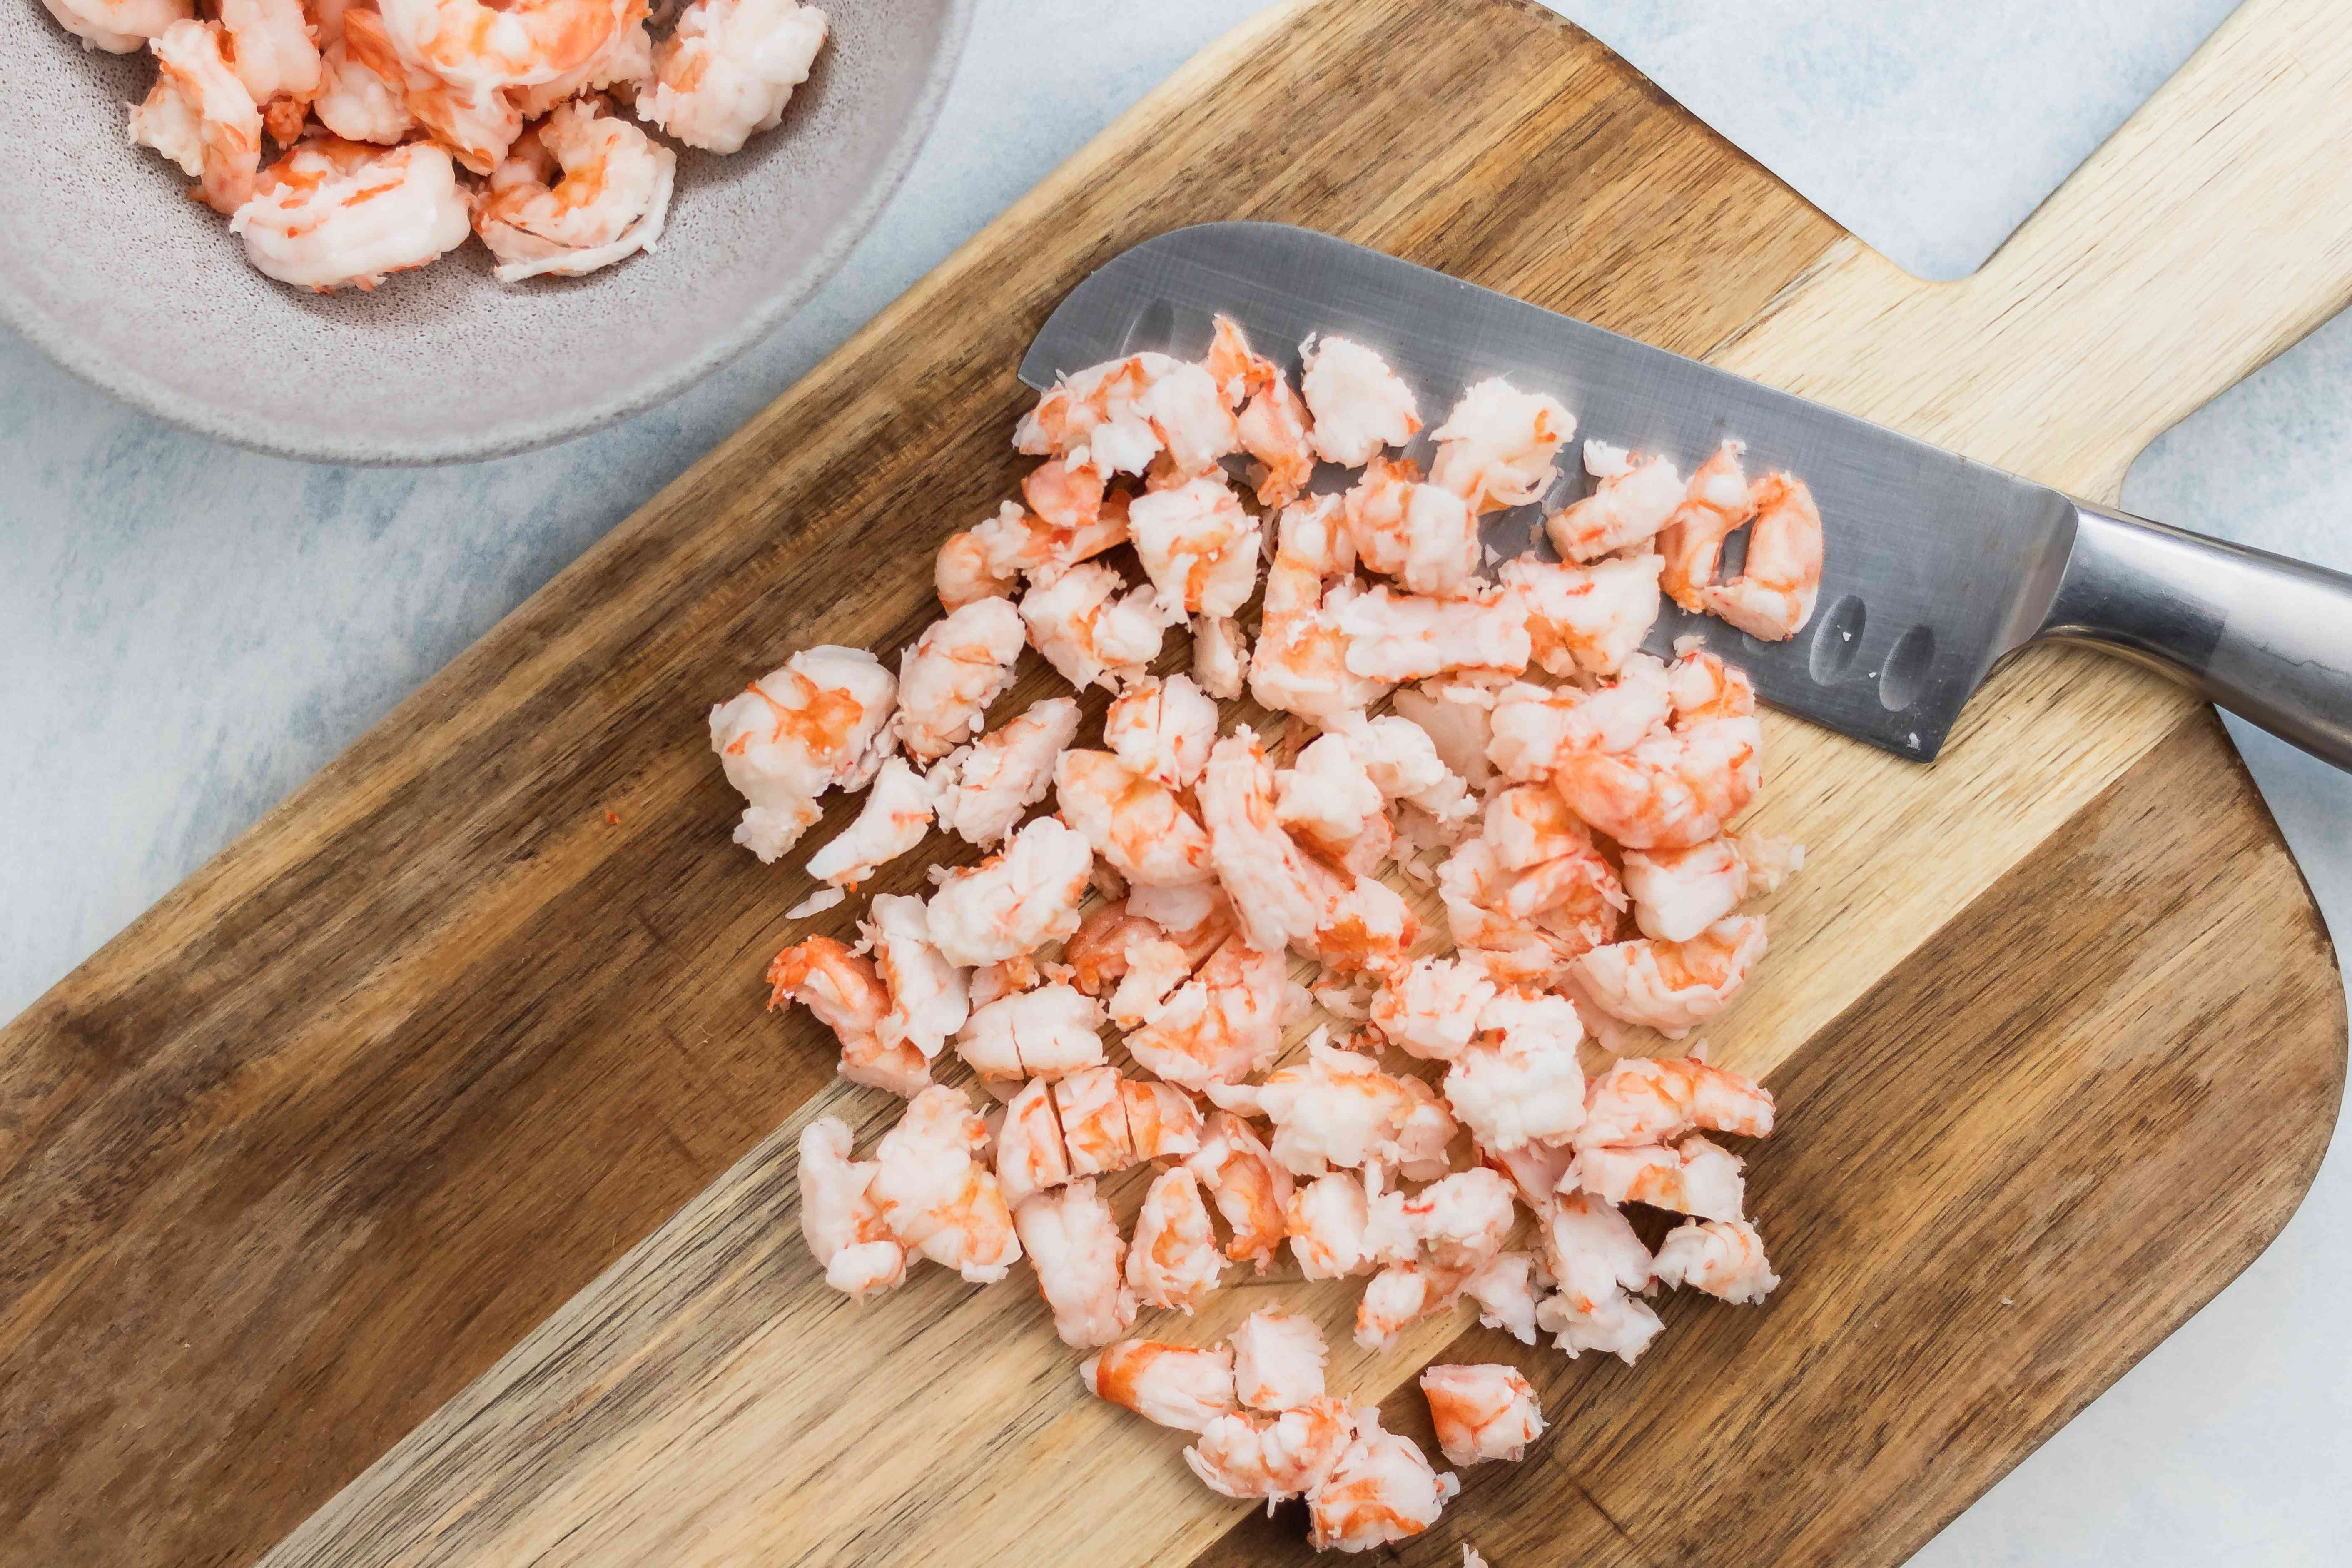 Chopping shrimp to show how to make shrimp cocktail.